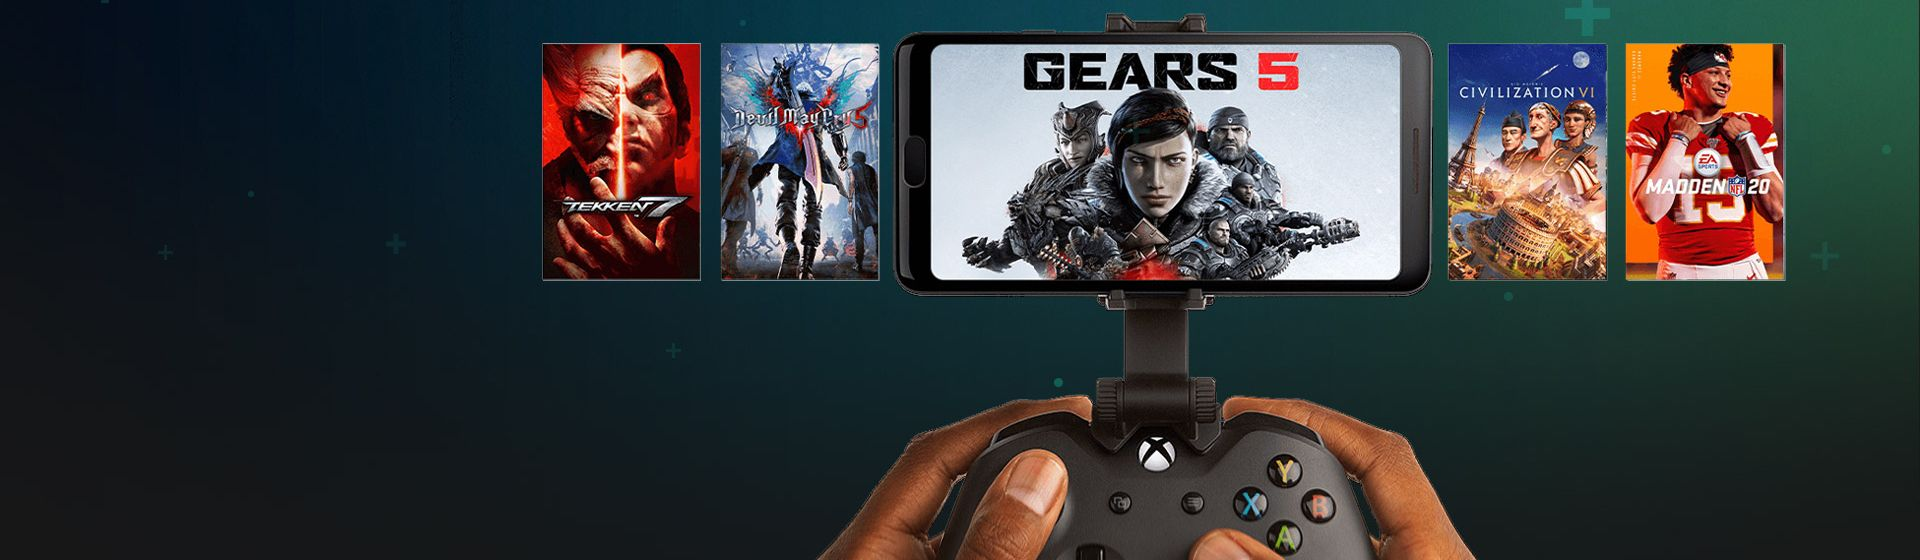 Xbox xCloud leva mais de 150 jogos do Game Pass ao Android